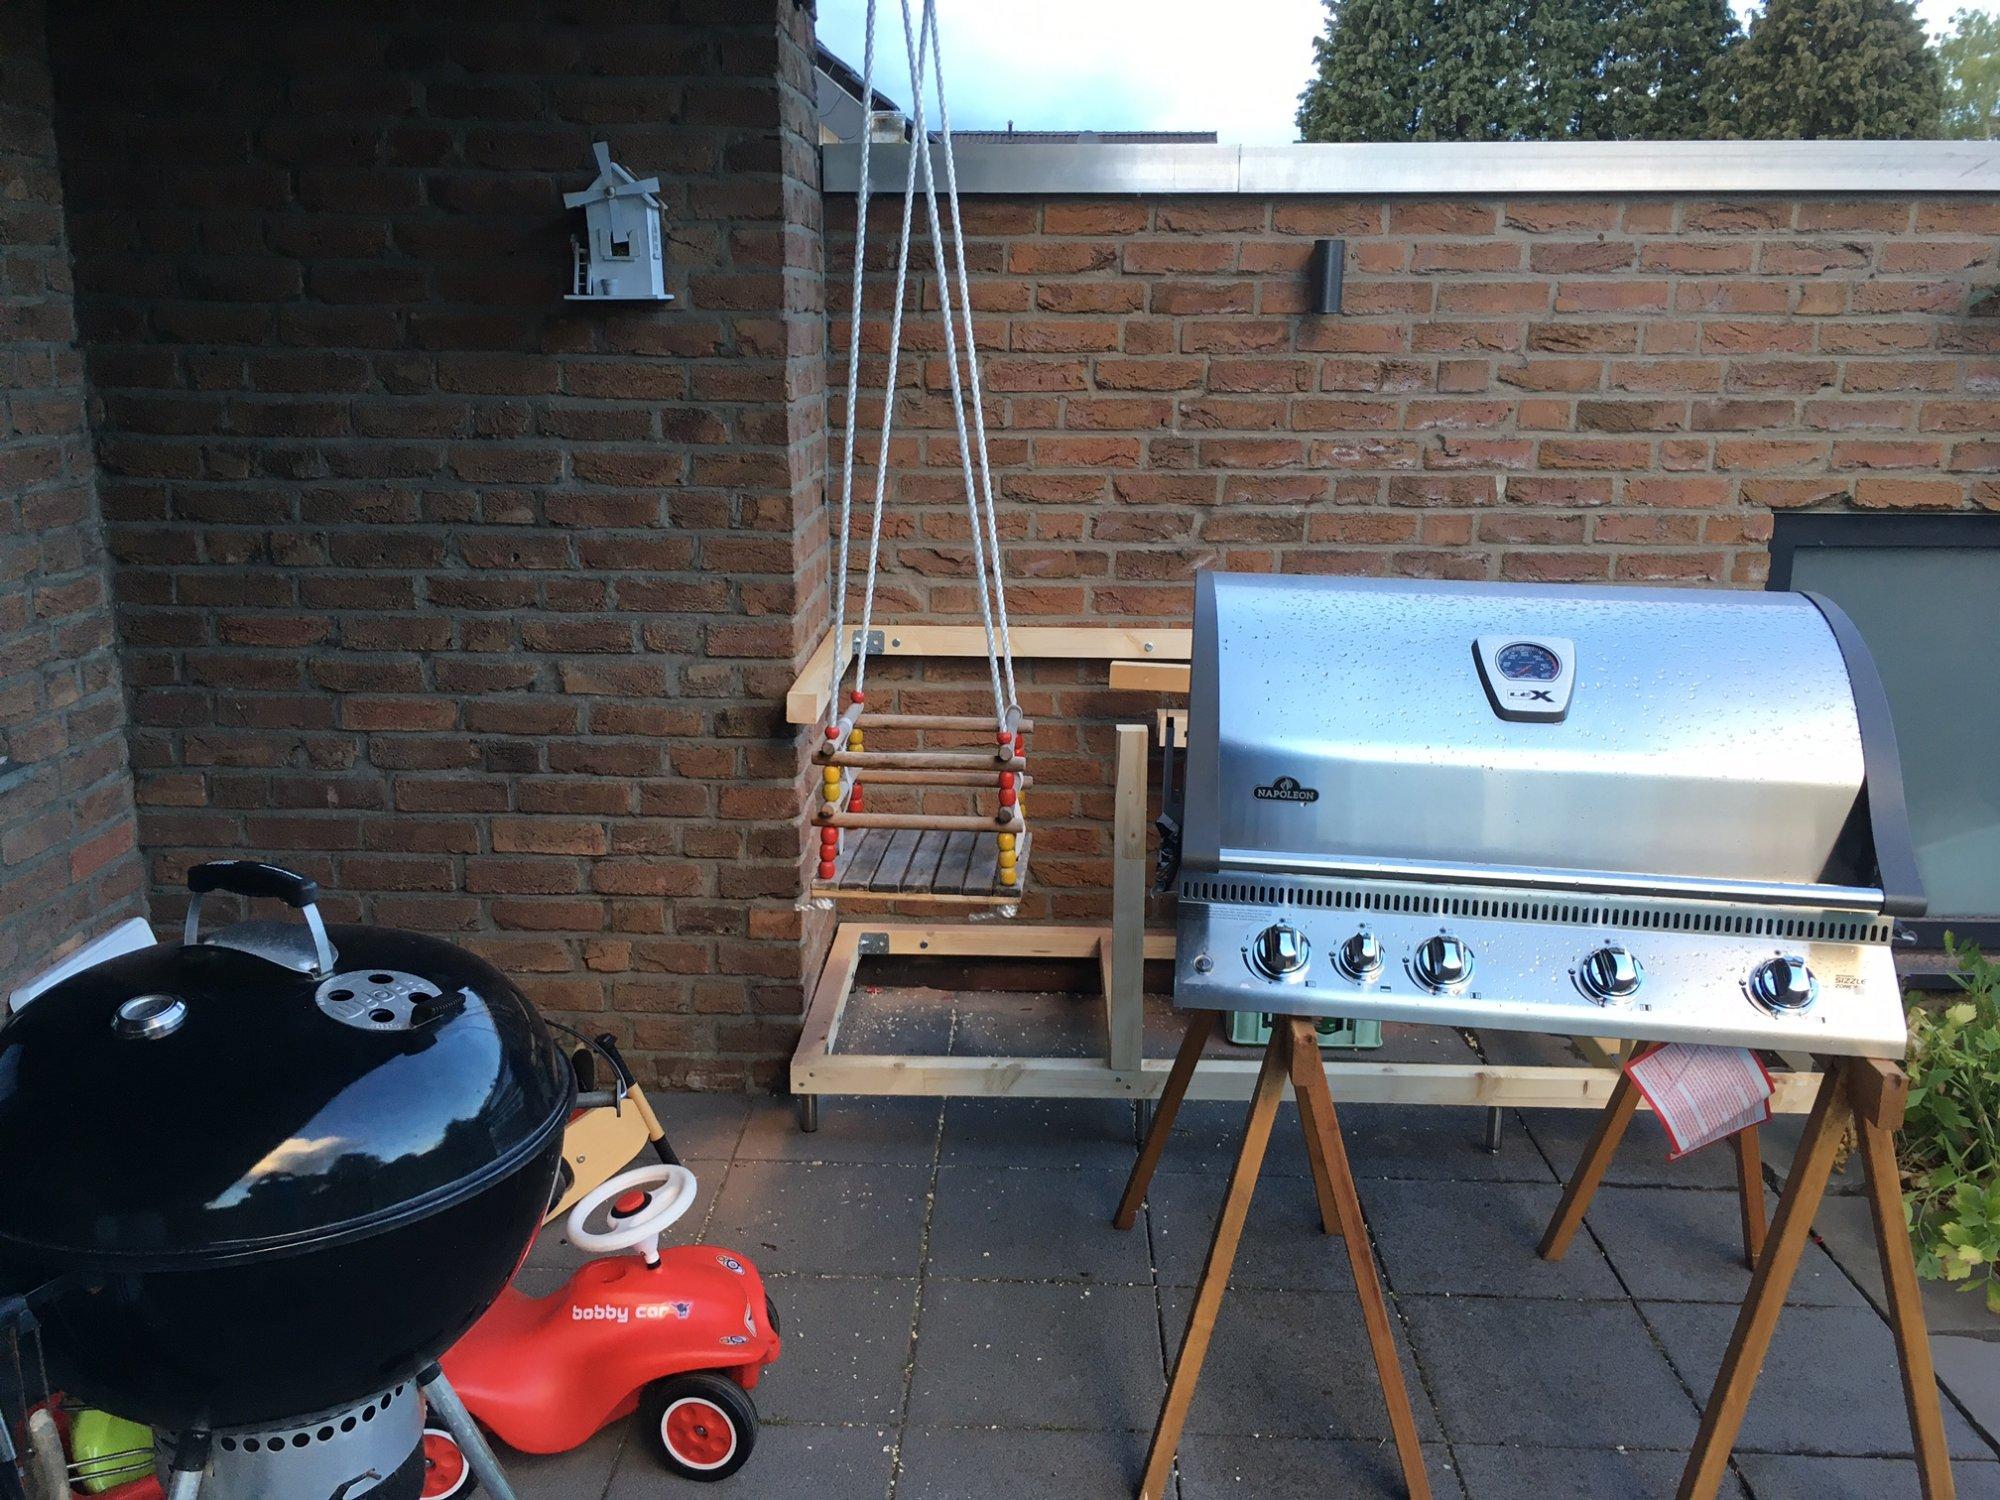 Outdoor Küche Kugelgrill : Hängende outdoor küche grillforum und bbq www.grillsportverein.de